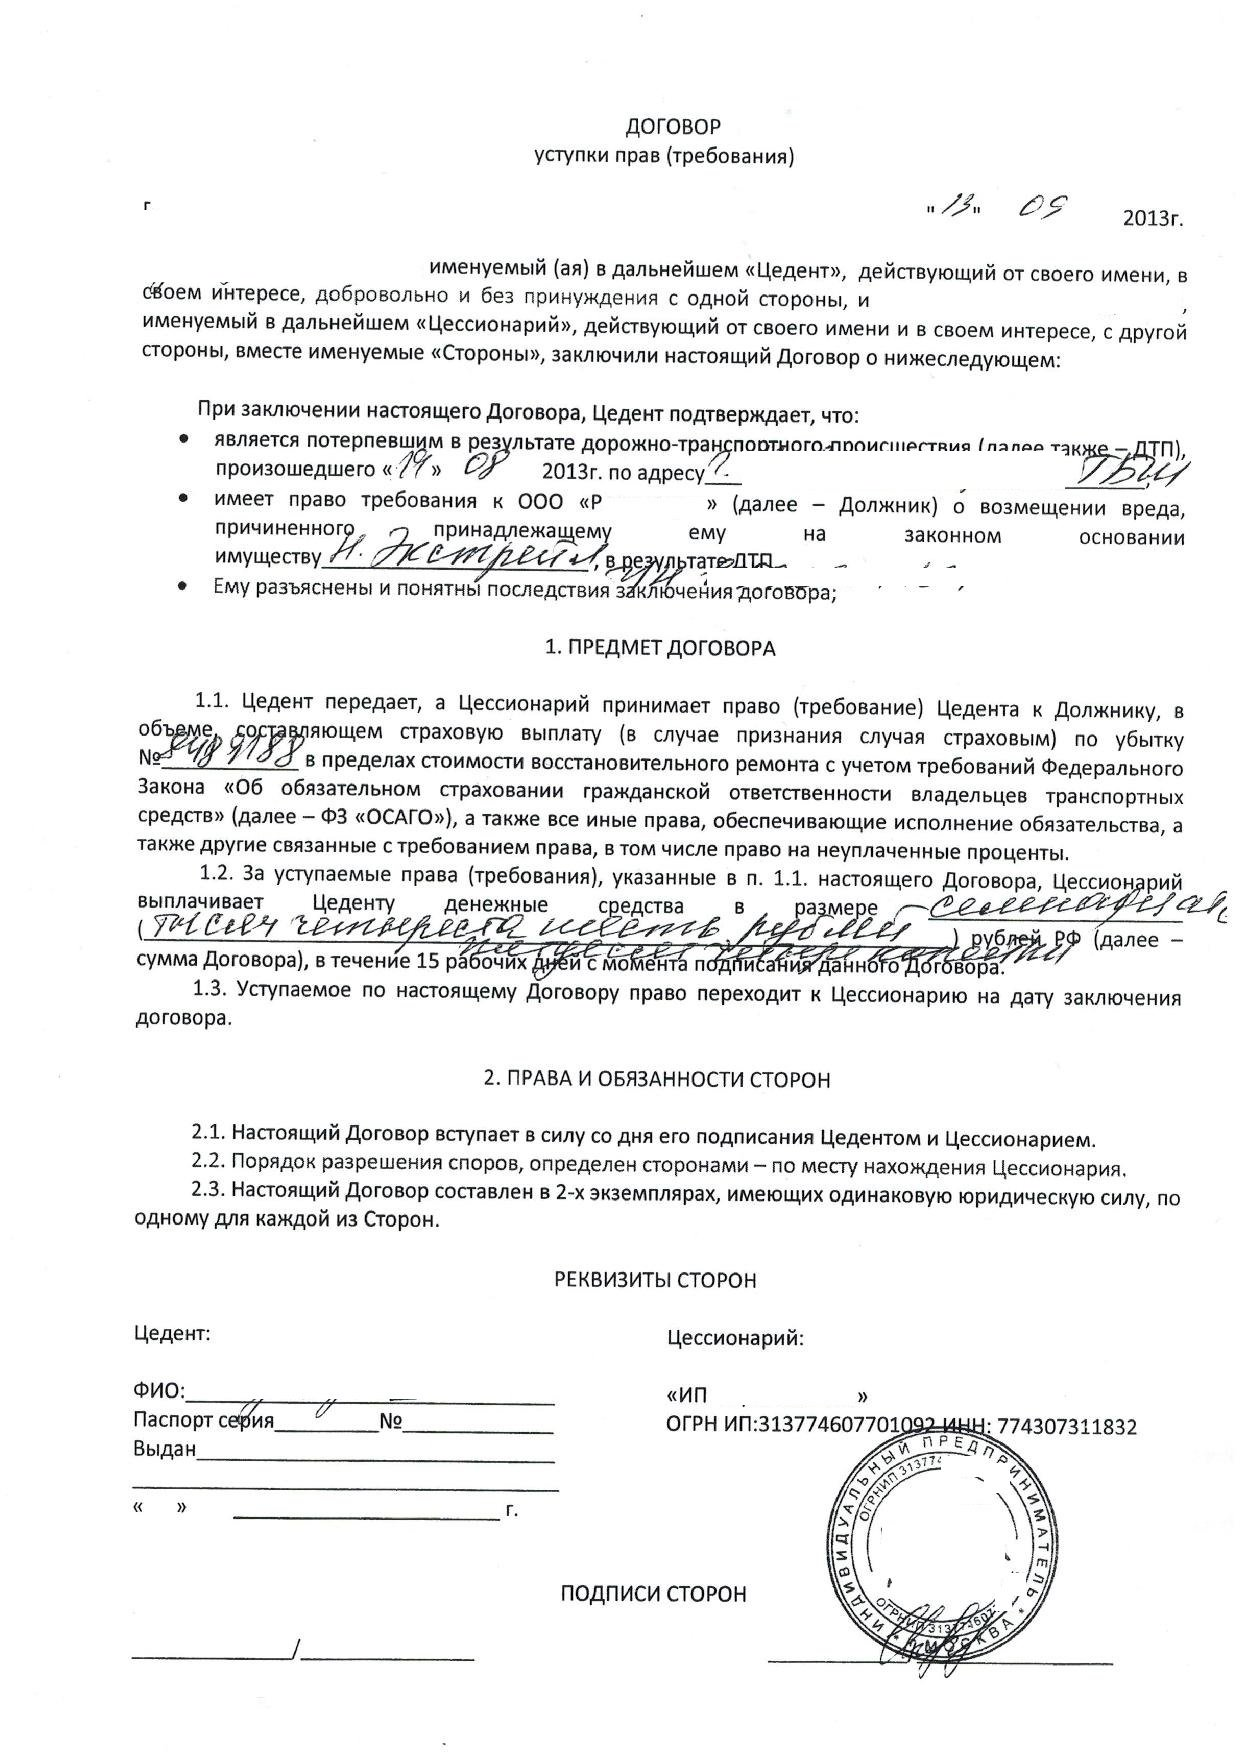 Правовое основание уступки прав по договору купли продажи поступь Хилвара